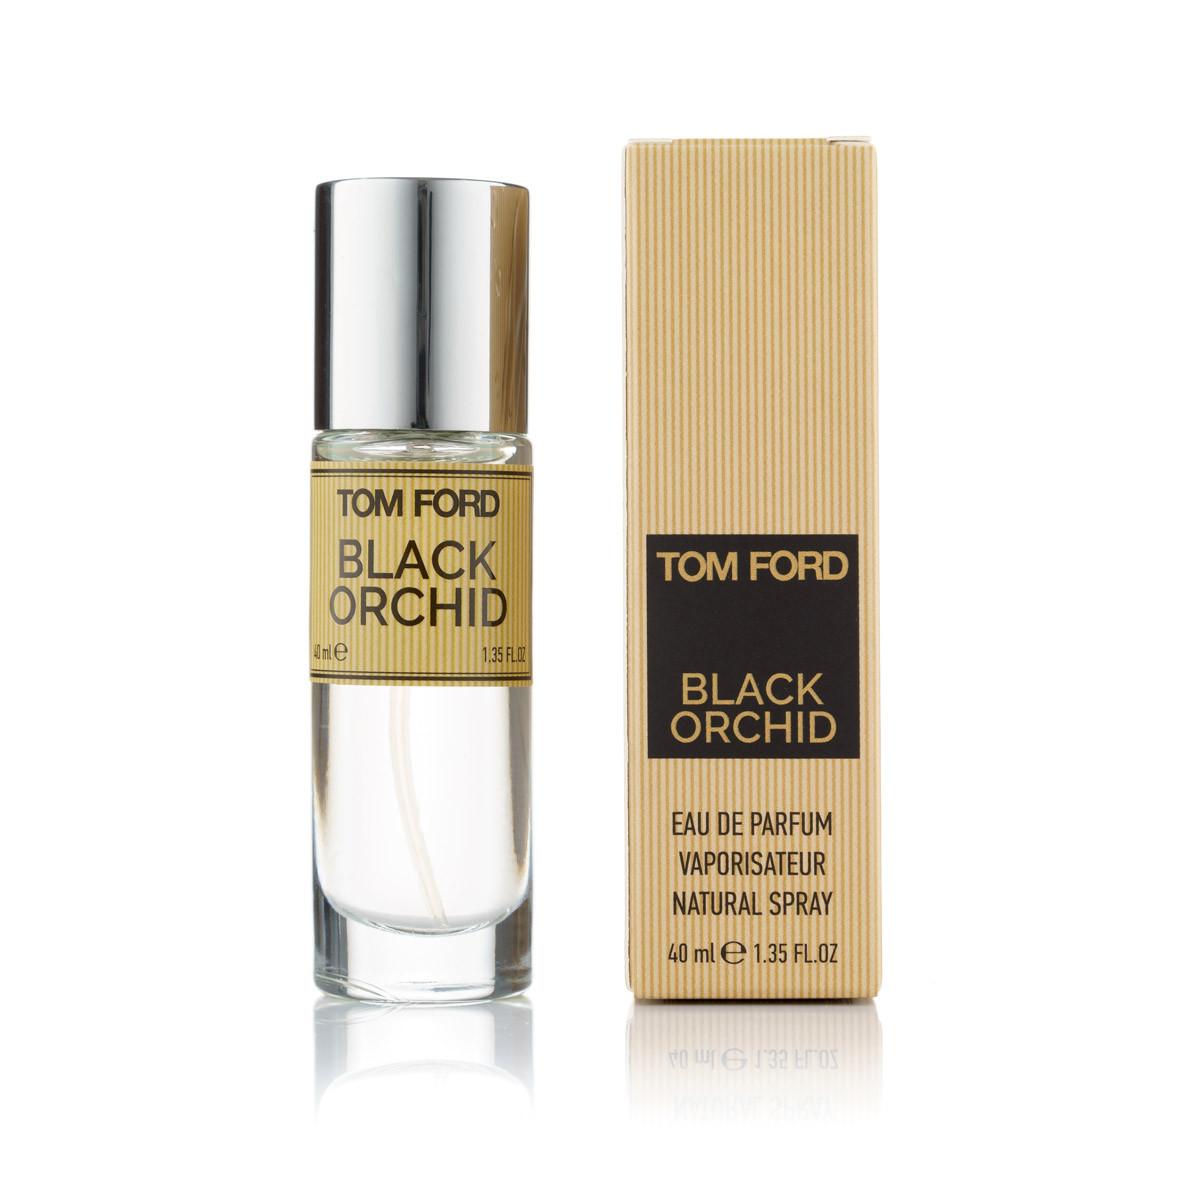 Міні-парфуми Tom Ford Black Orchid (Унісекс) 40 мл